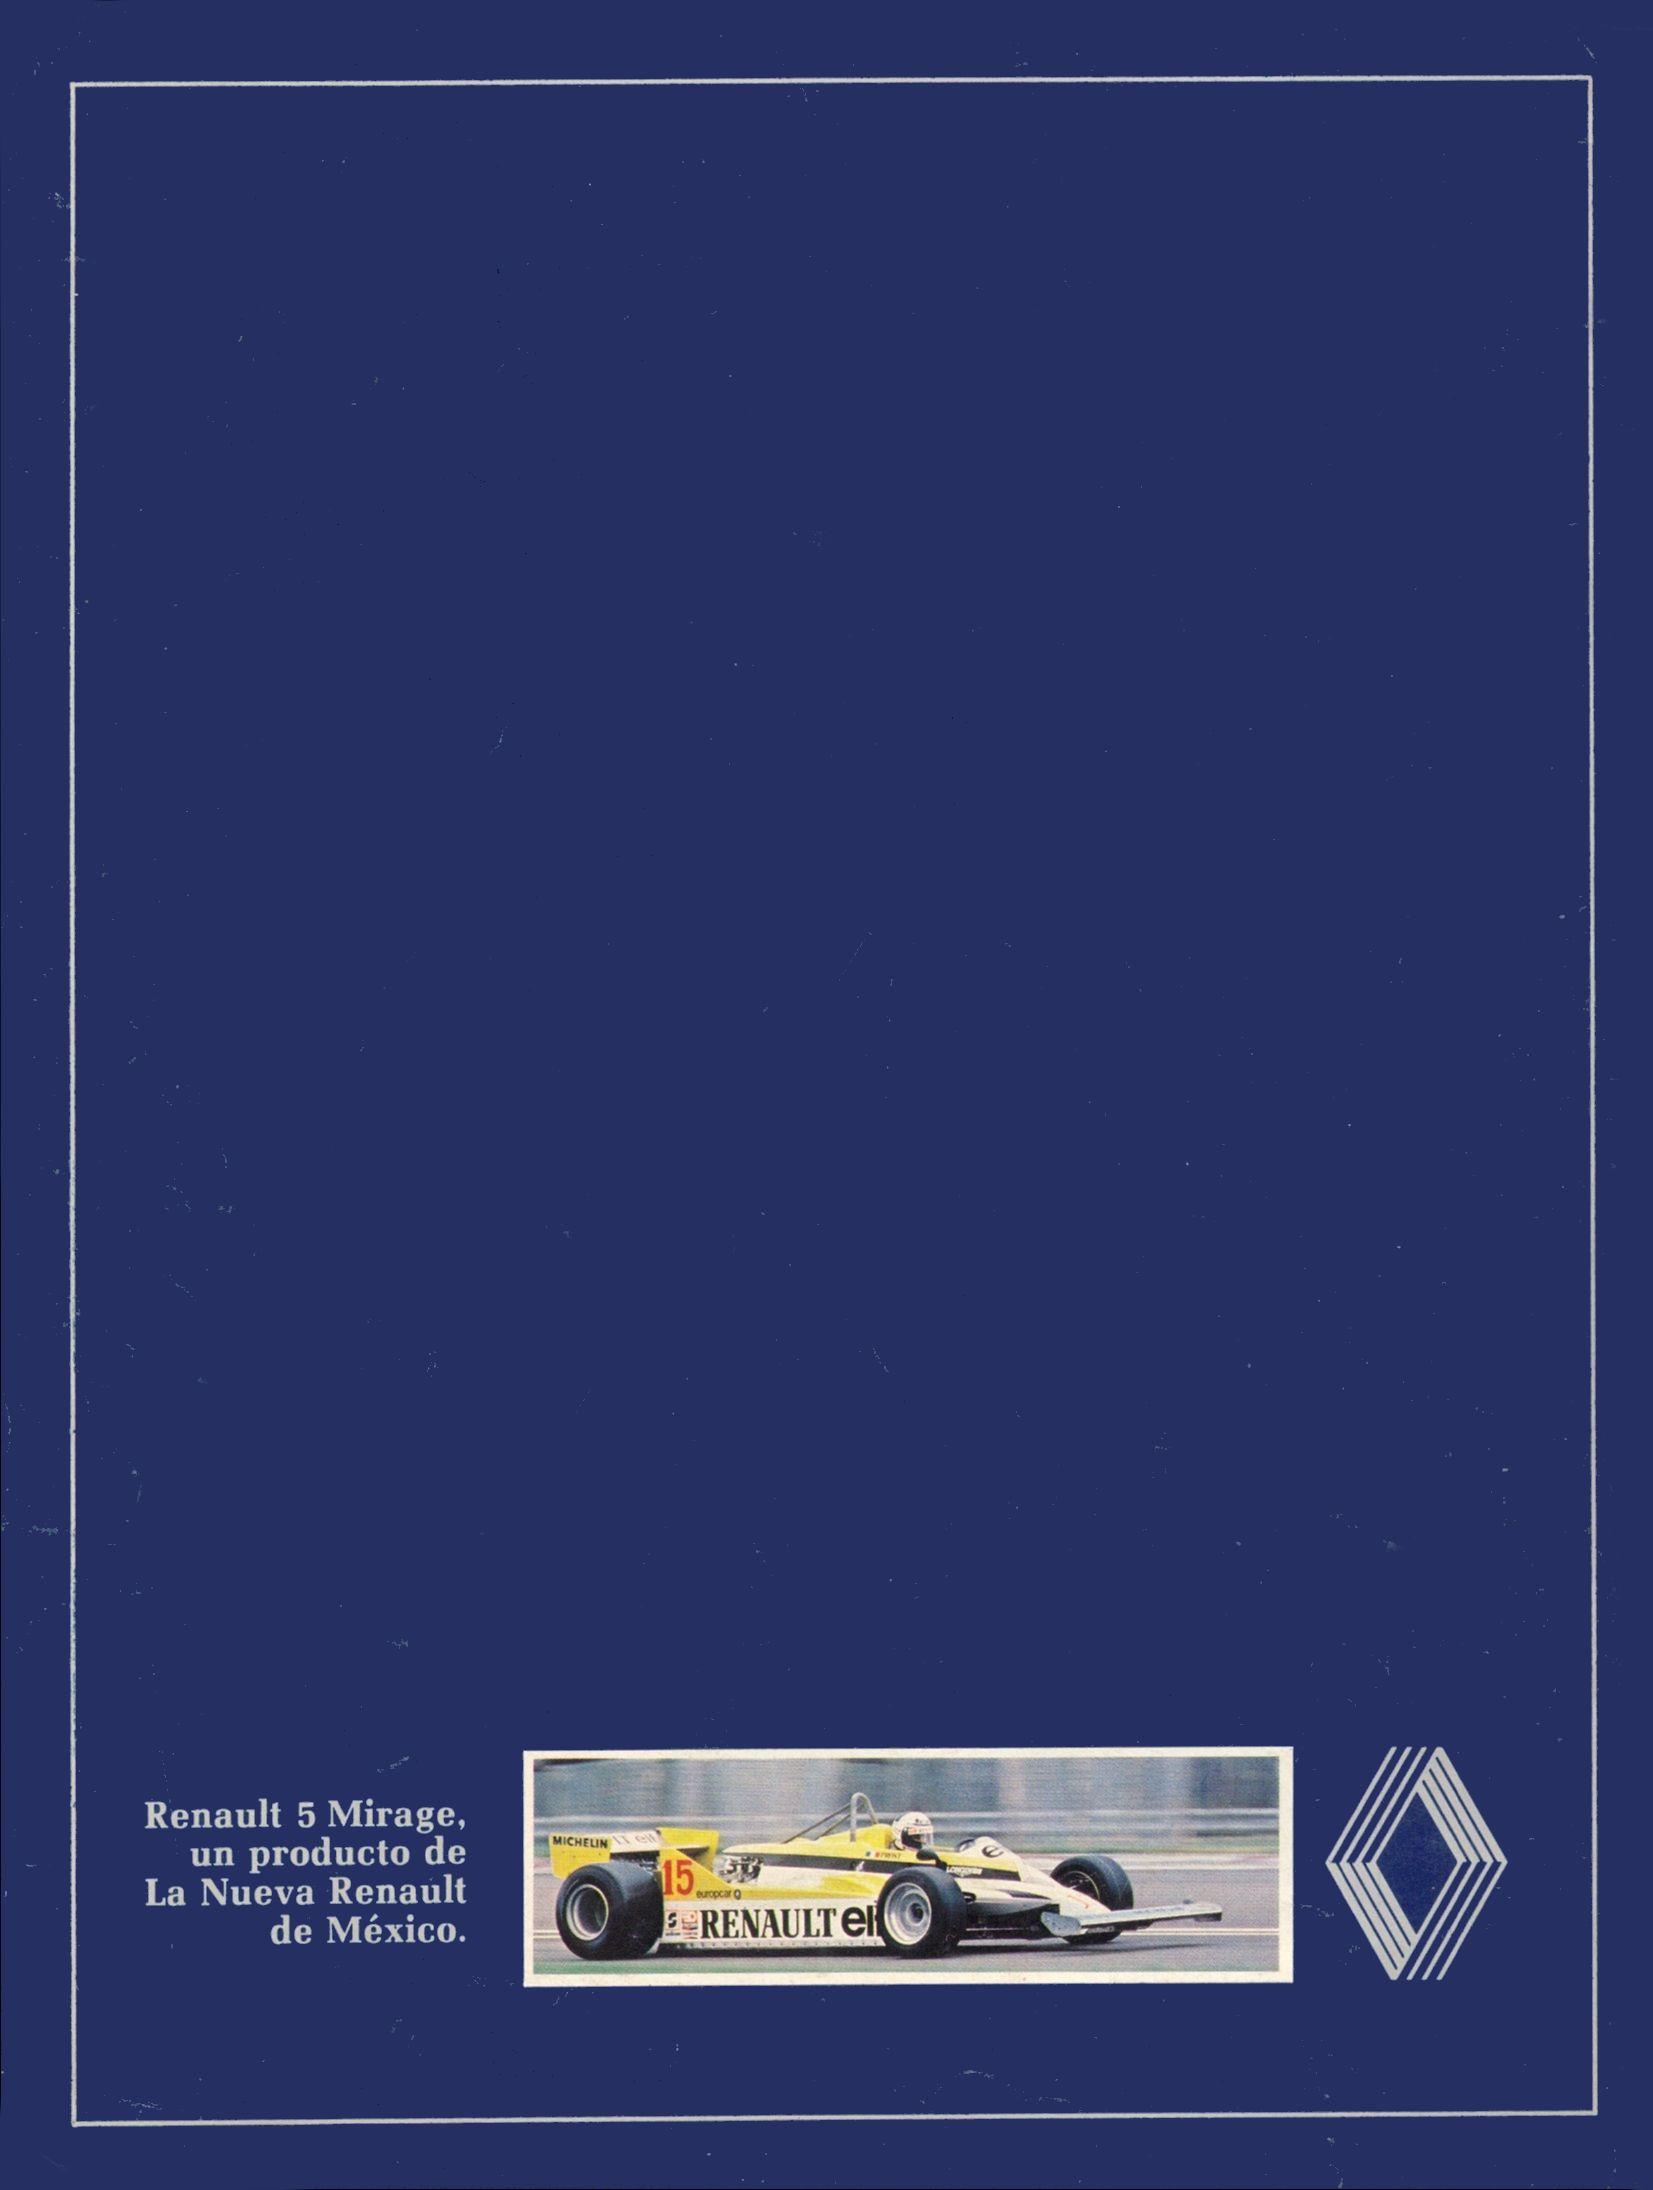 1982 Renault 5 Mirage Brochure